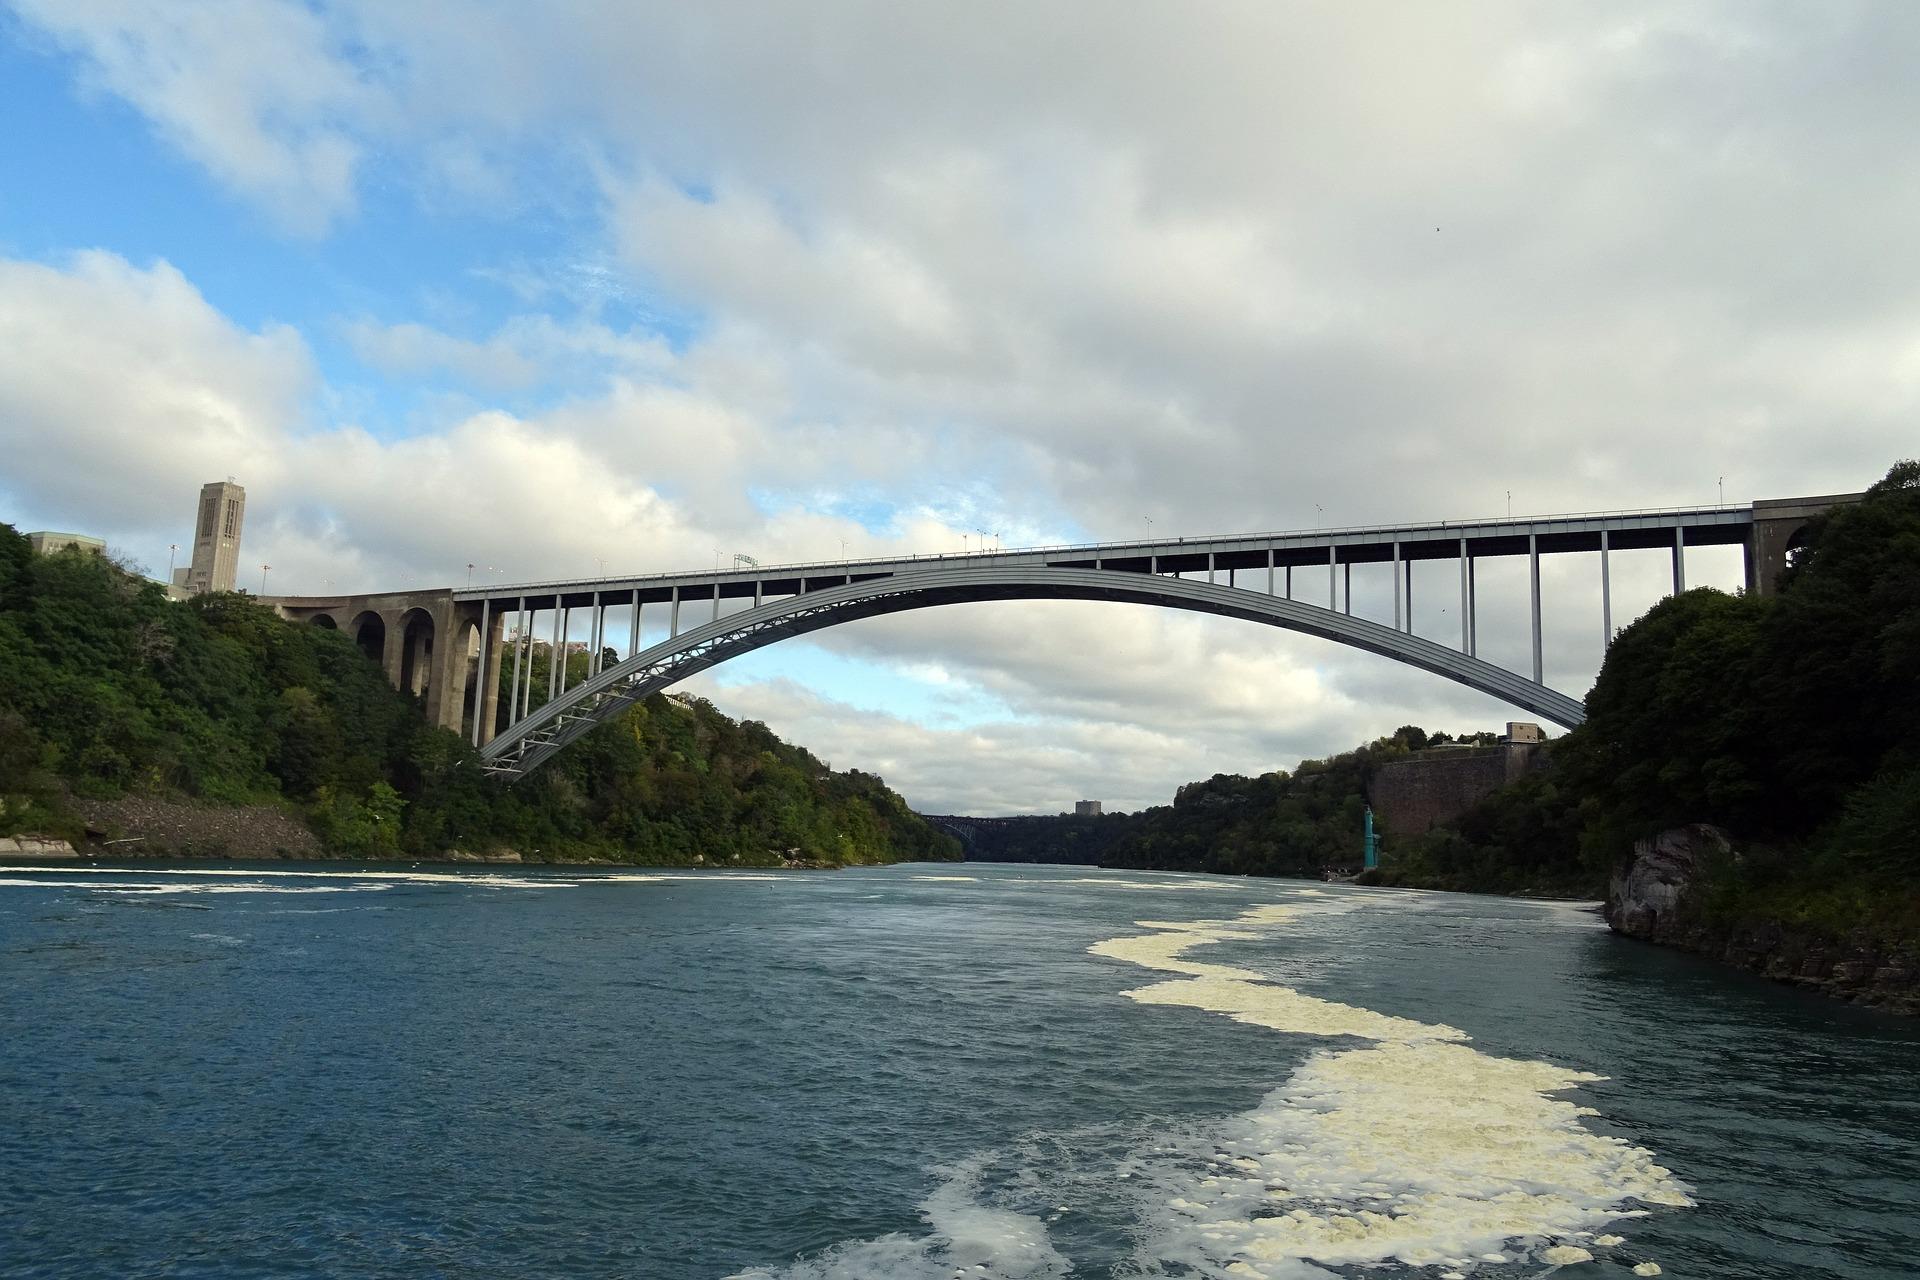 bridge-1032303_1920.jpg